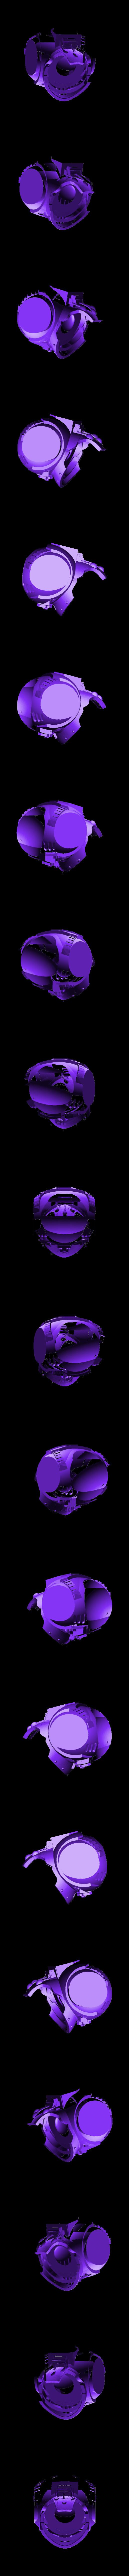 Torso 3.stl Télécharger fichier STL gratuit L'équipe des Chevaliers gris Primaris • Modèle pour imprimante 3D, joeldawson93